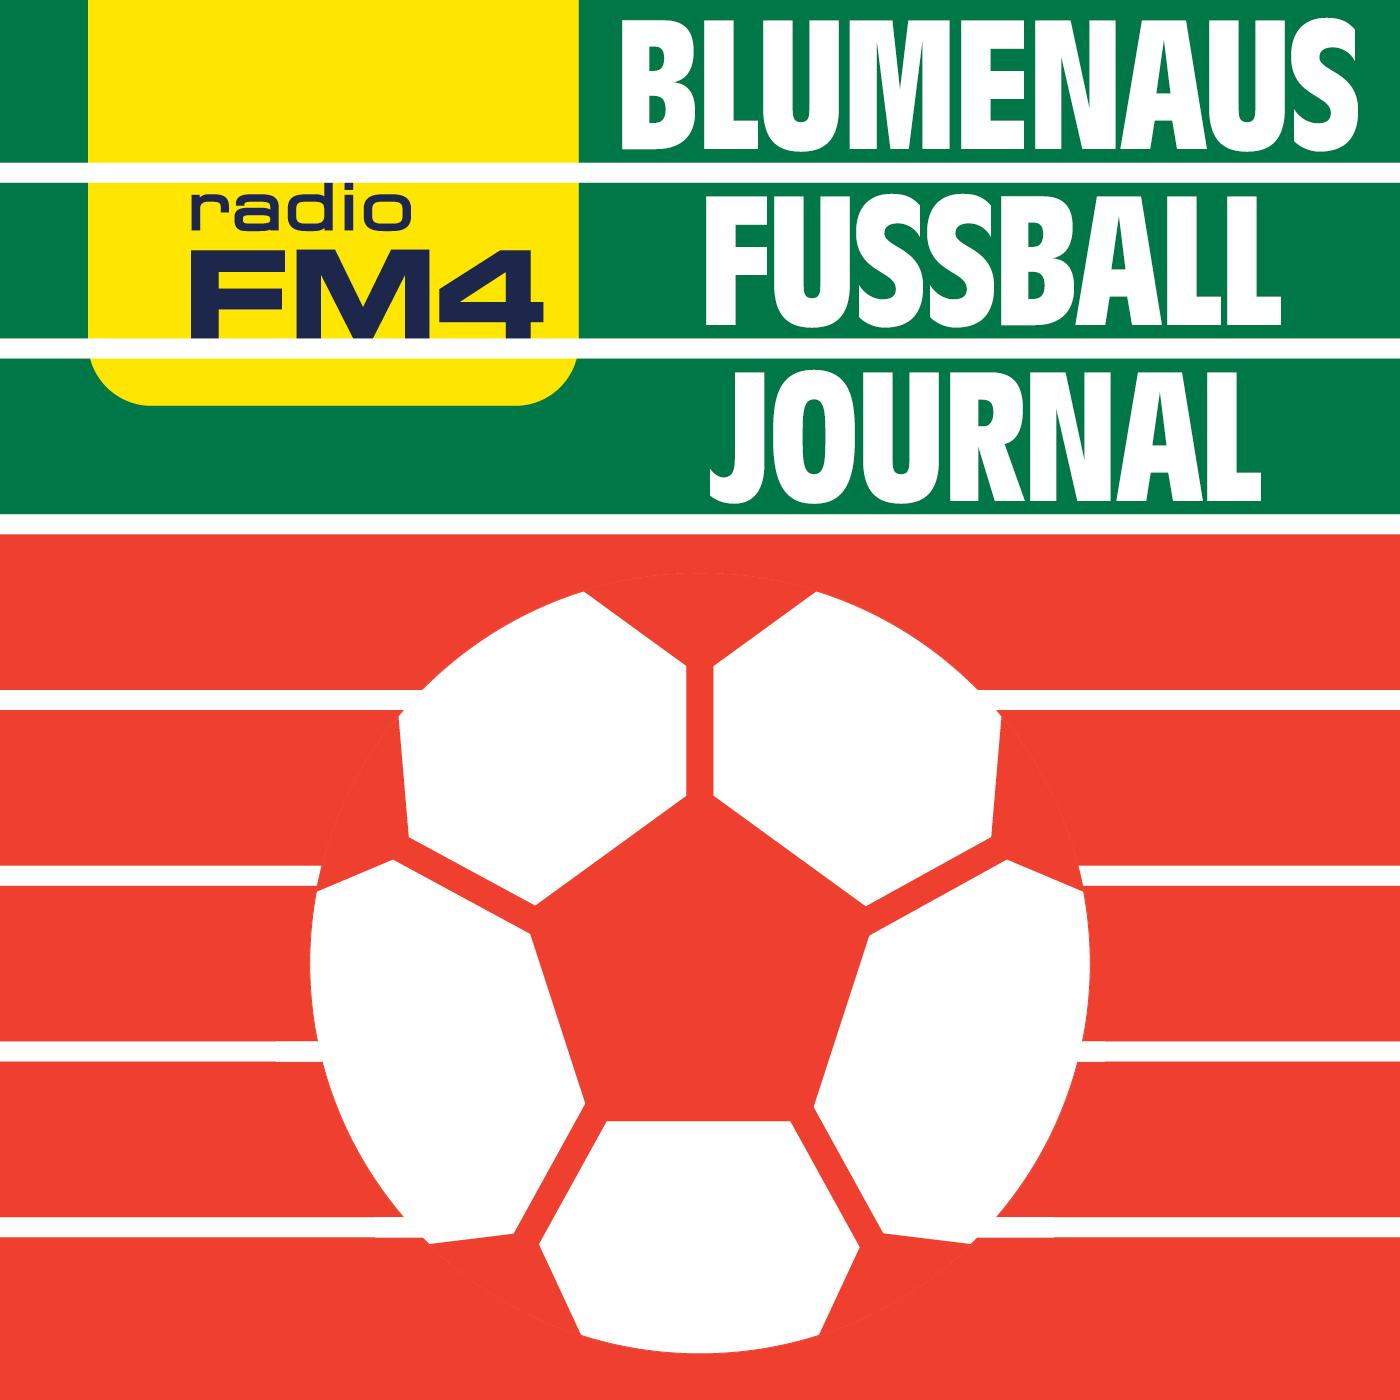 FM4 Blumenaus Fußball-Journal